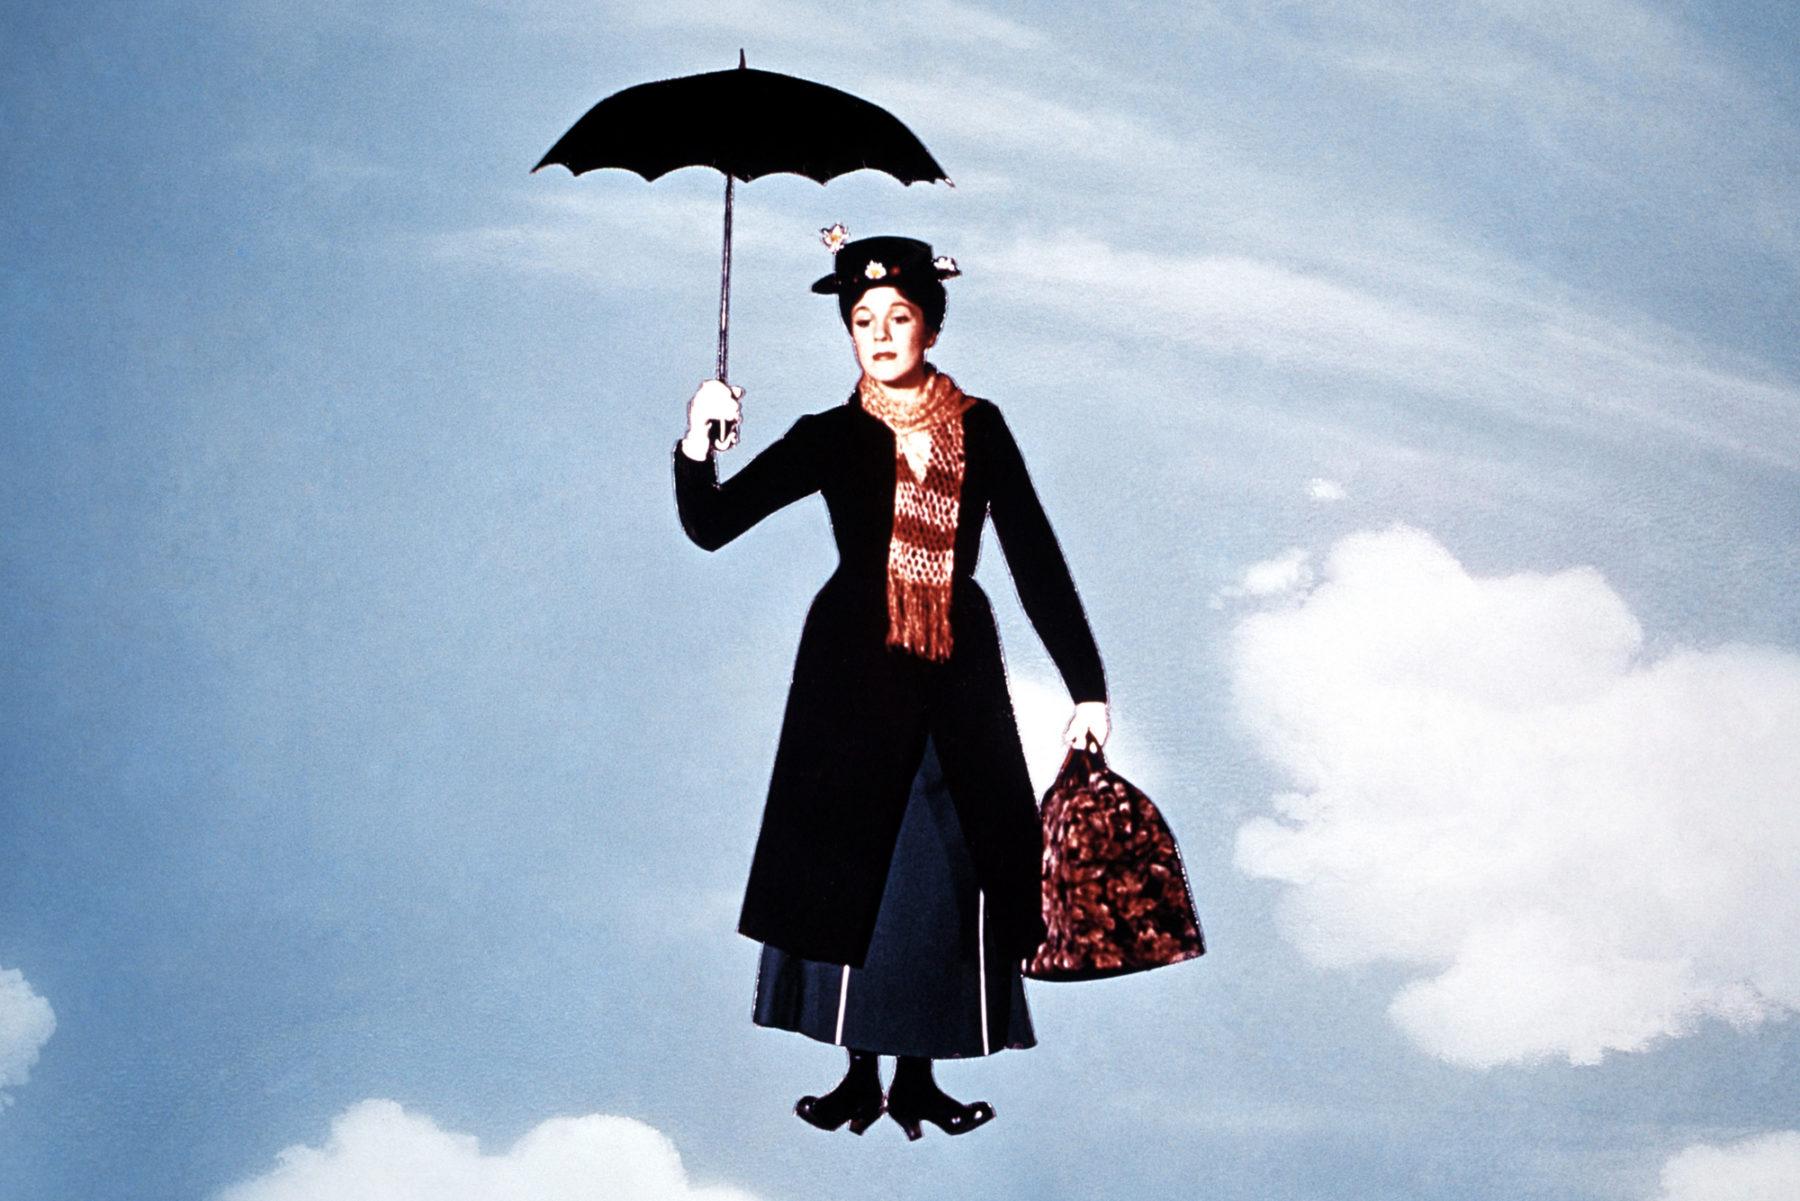 parapluie au cinéma - DR